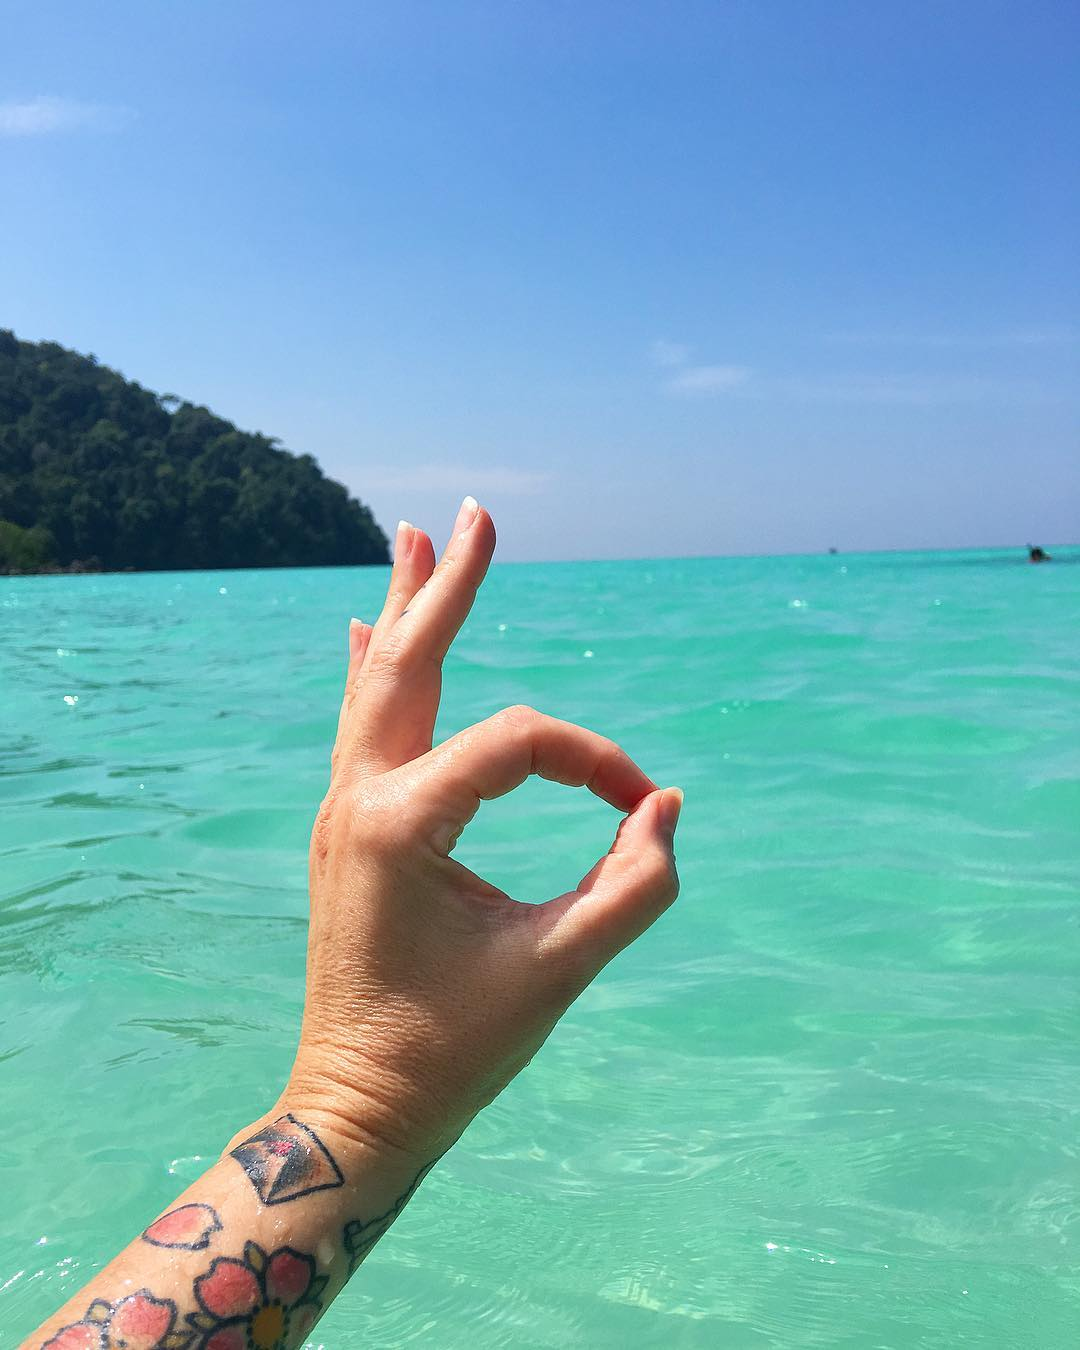 Ici tout va bien sur les îles SURIN ??? ... et on en parle de cette couleur bleue ?!! . . ⛴______ ➕ l  Les îles SURIN . ? | Khao Lak • Côte Ouest Thaïlande . ? | #PintadeThailande ? | Thaïlande Nord & Côte Ouest ??? ______ #thailande #thailand #bangkok #kohphiphi#kohlanta #kohsamui #kohphangan #kohtao #khaolak #chiangmai #cityguide #cityTrip #travel #blogTravel #TravelBlog #bloggervoyage #voYage #blogVoyage #frenchBlogger #blogueuse #blog #montpellier #pintademontpellier #food #foodlover